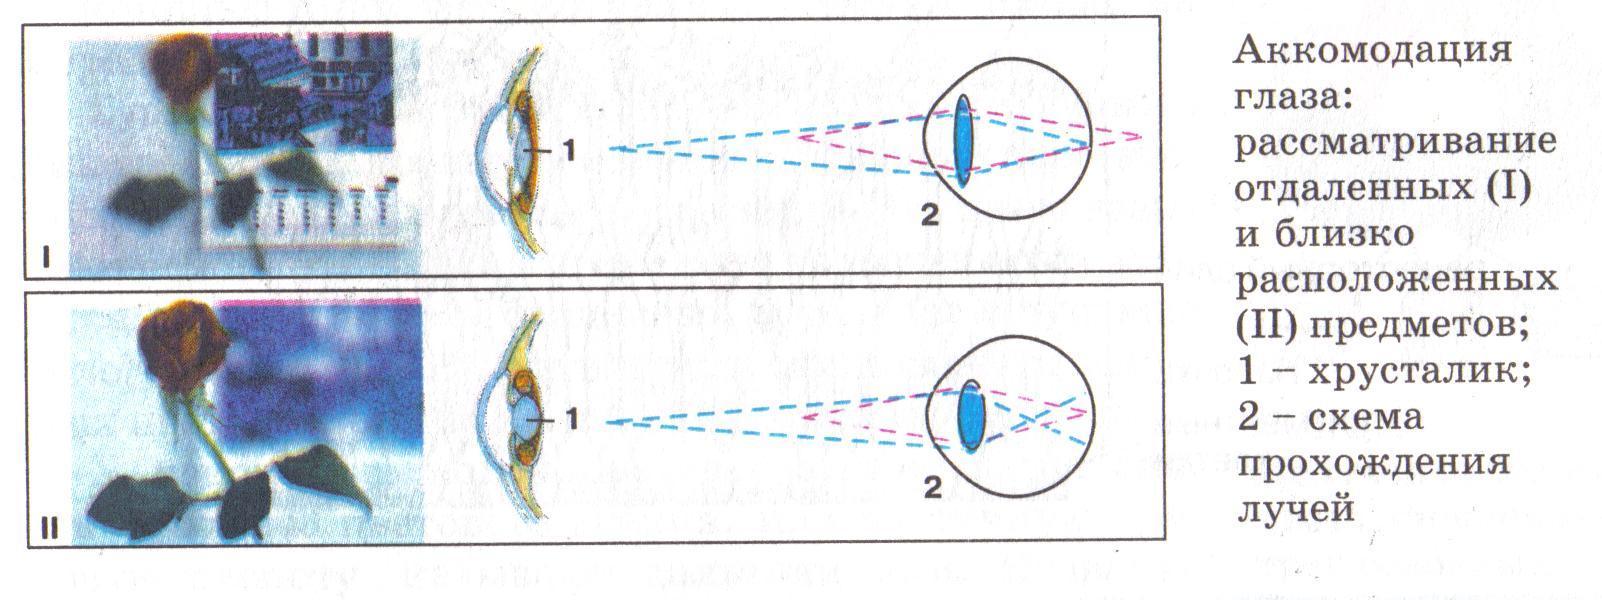 Как восстановить зрение в исламе